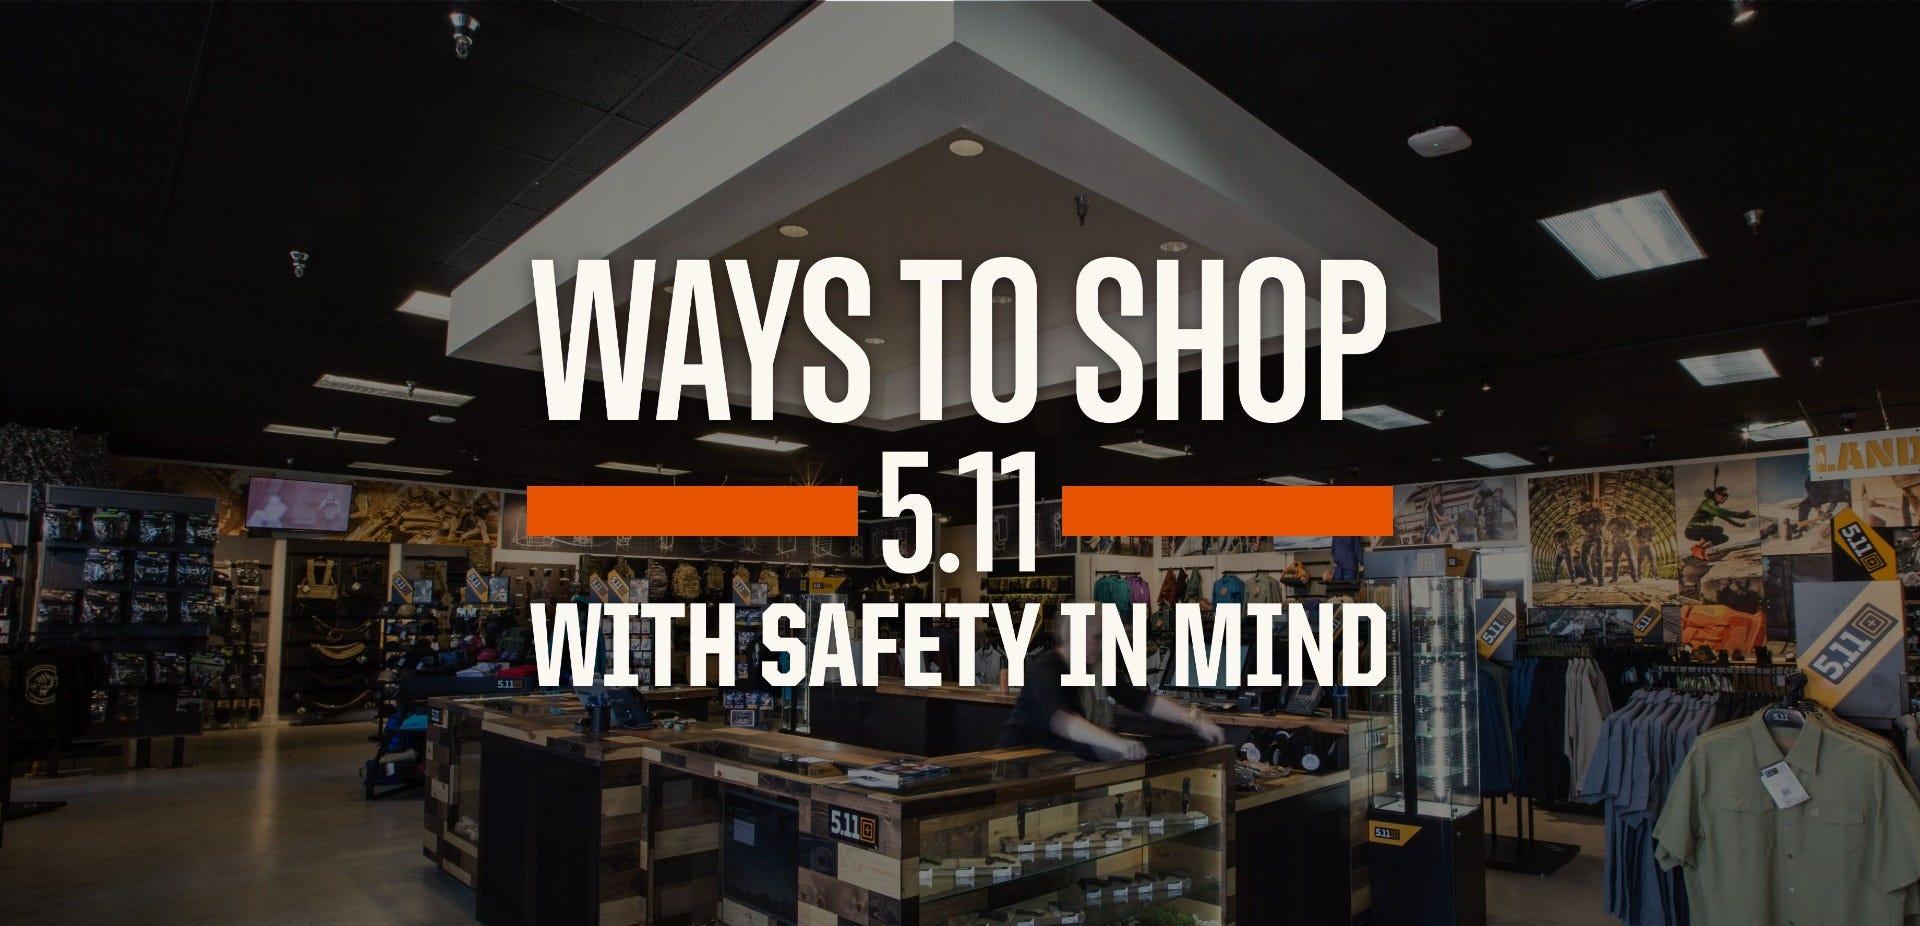 Ways To Shop 5.11